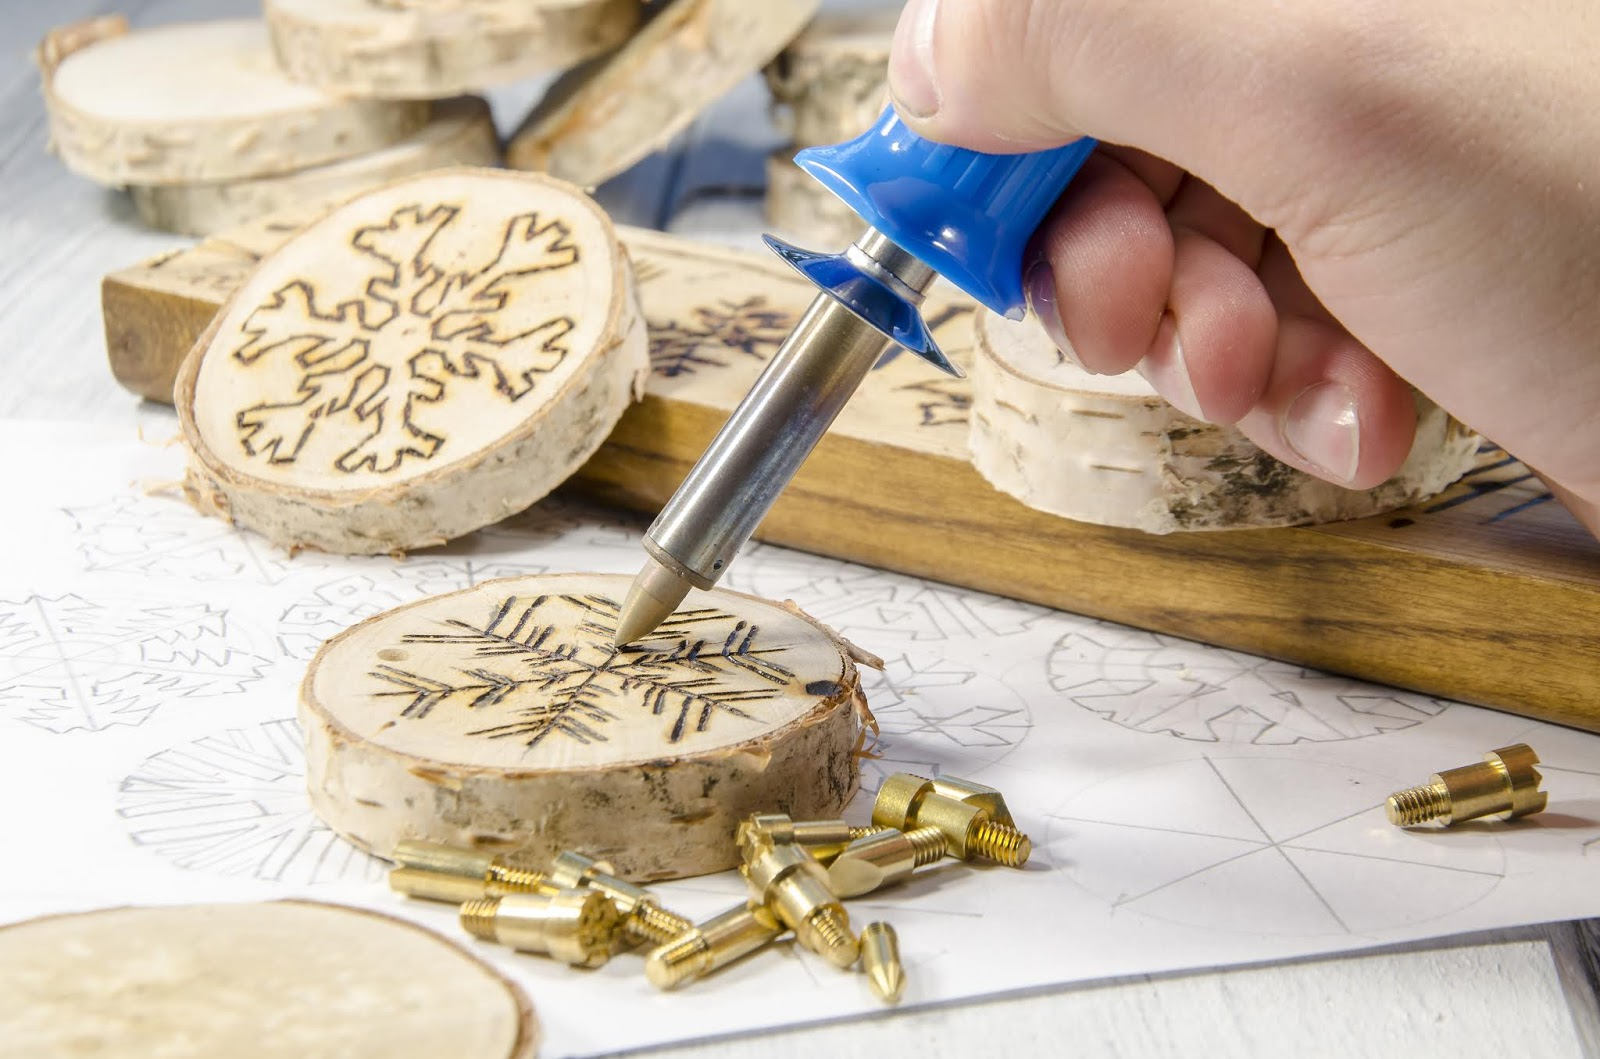 Manualidades navideñas fáciles y rápidas con rodajas de madera y soldador